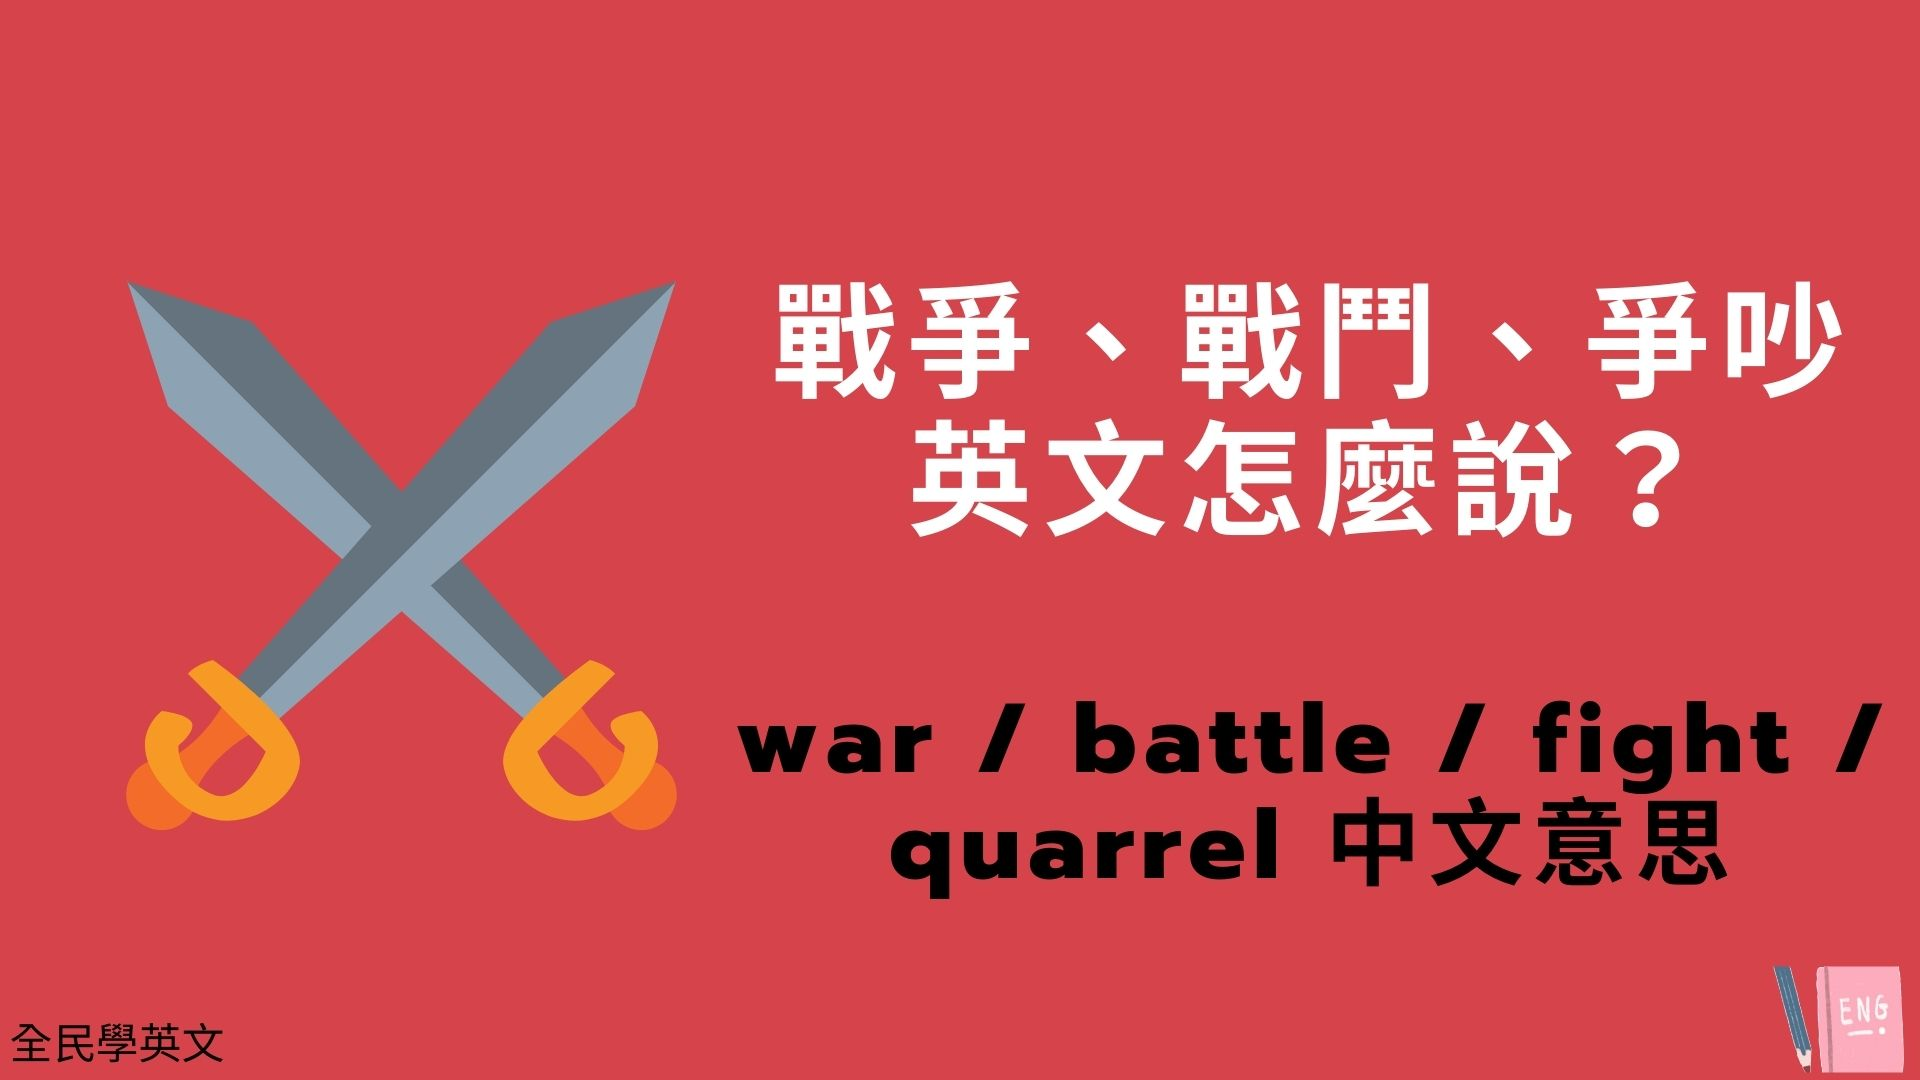 戰爭、戰鬥、爭吵...英文怎麼說?war / battle / fight / quarrel 中文意思!看例句搞懂